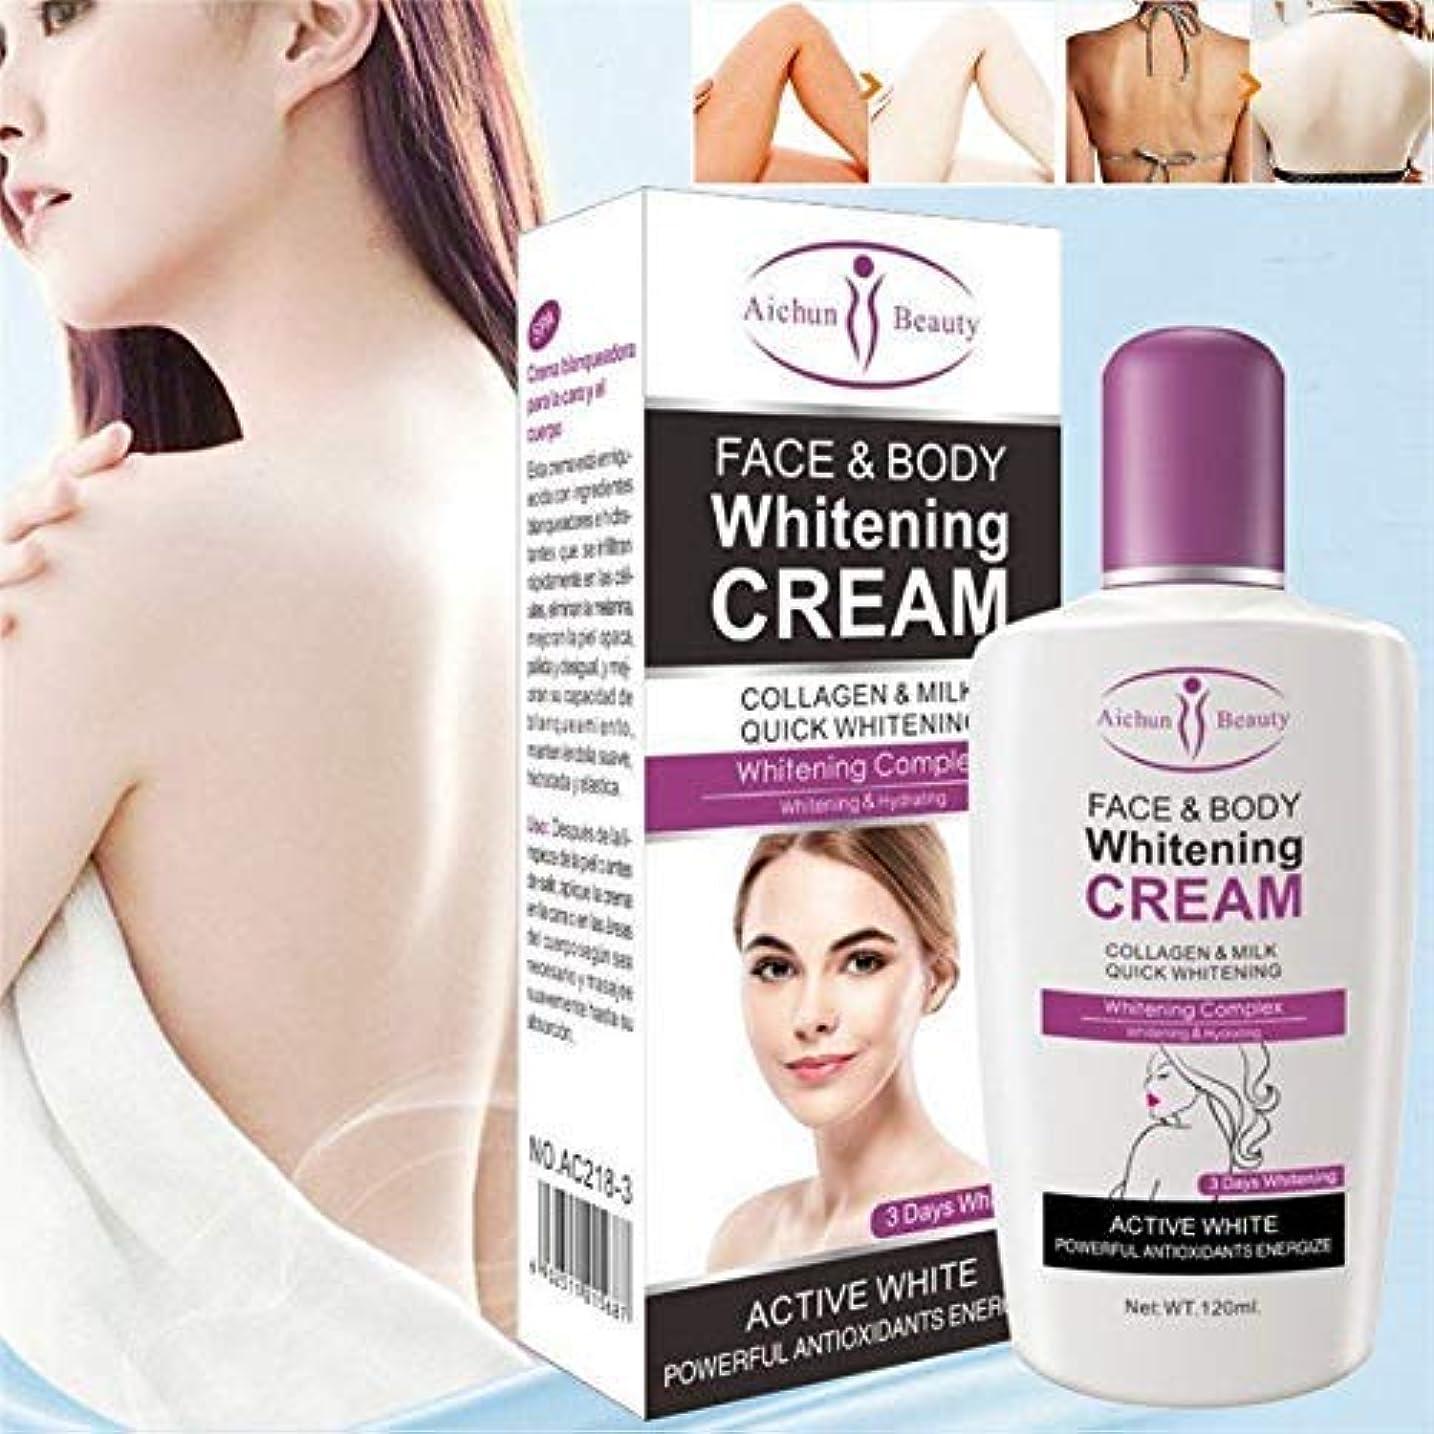 スケートドリンク退屈(最高の価格と品質)3個Aichunブリーチングブライトニングボディローションホワイトニングクリームボディクリームダークスキン用プライベートパーツフォーミュラ脇ホワイトナー120ml (Best price and Quality) 3 Pieces Aichun Bleaching Brightening Body Lotion Whitening Cream Body Cream for Dark Skin Private Parts Formula Armpit Whitener 120Ml (3 Pieces)